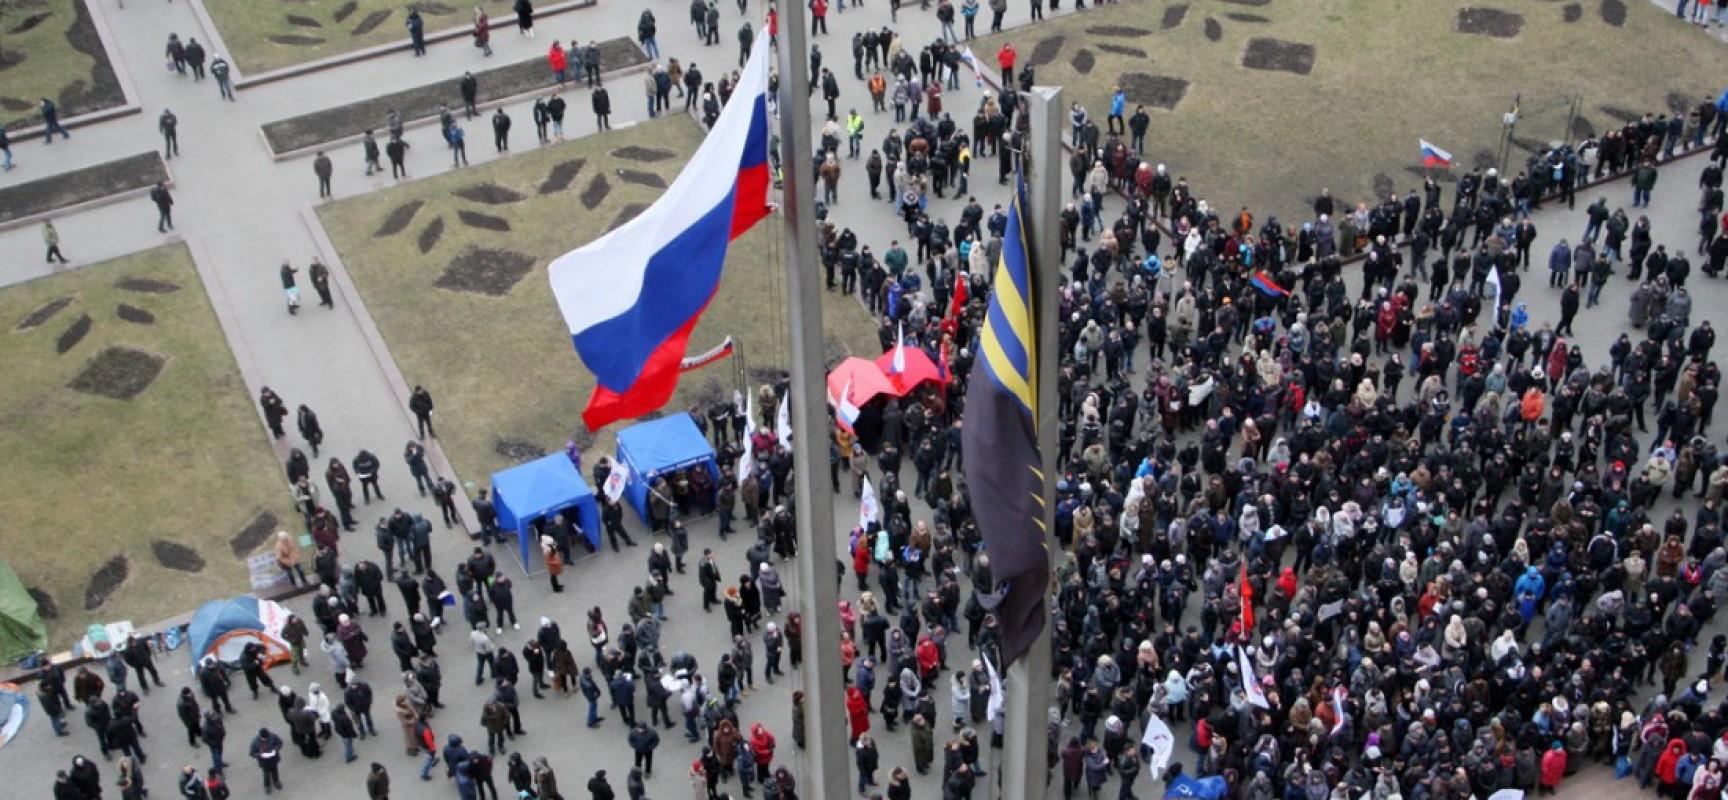 Crise ukrainienne : une révolte contre l'OTAN gronde en Allemagne